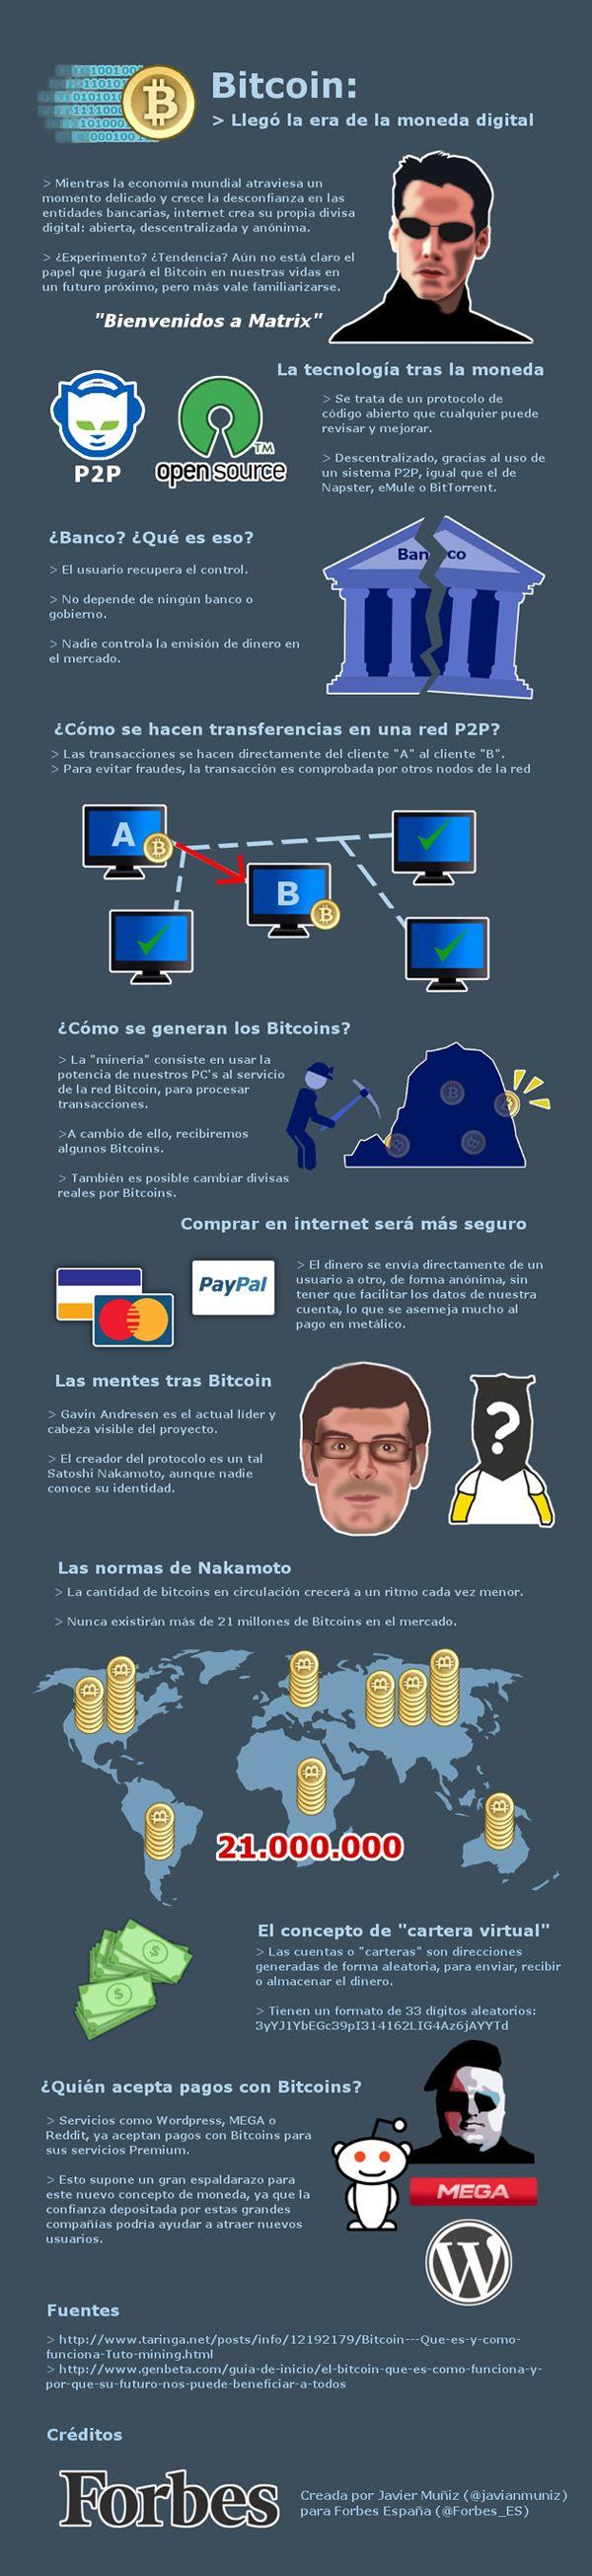 Bitcoin y la nueva economía descentralizada digital #eCommerce